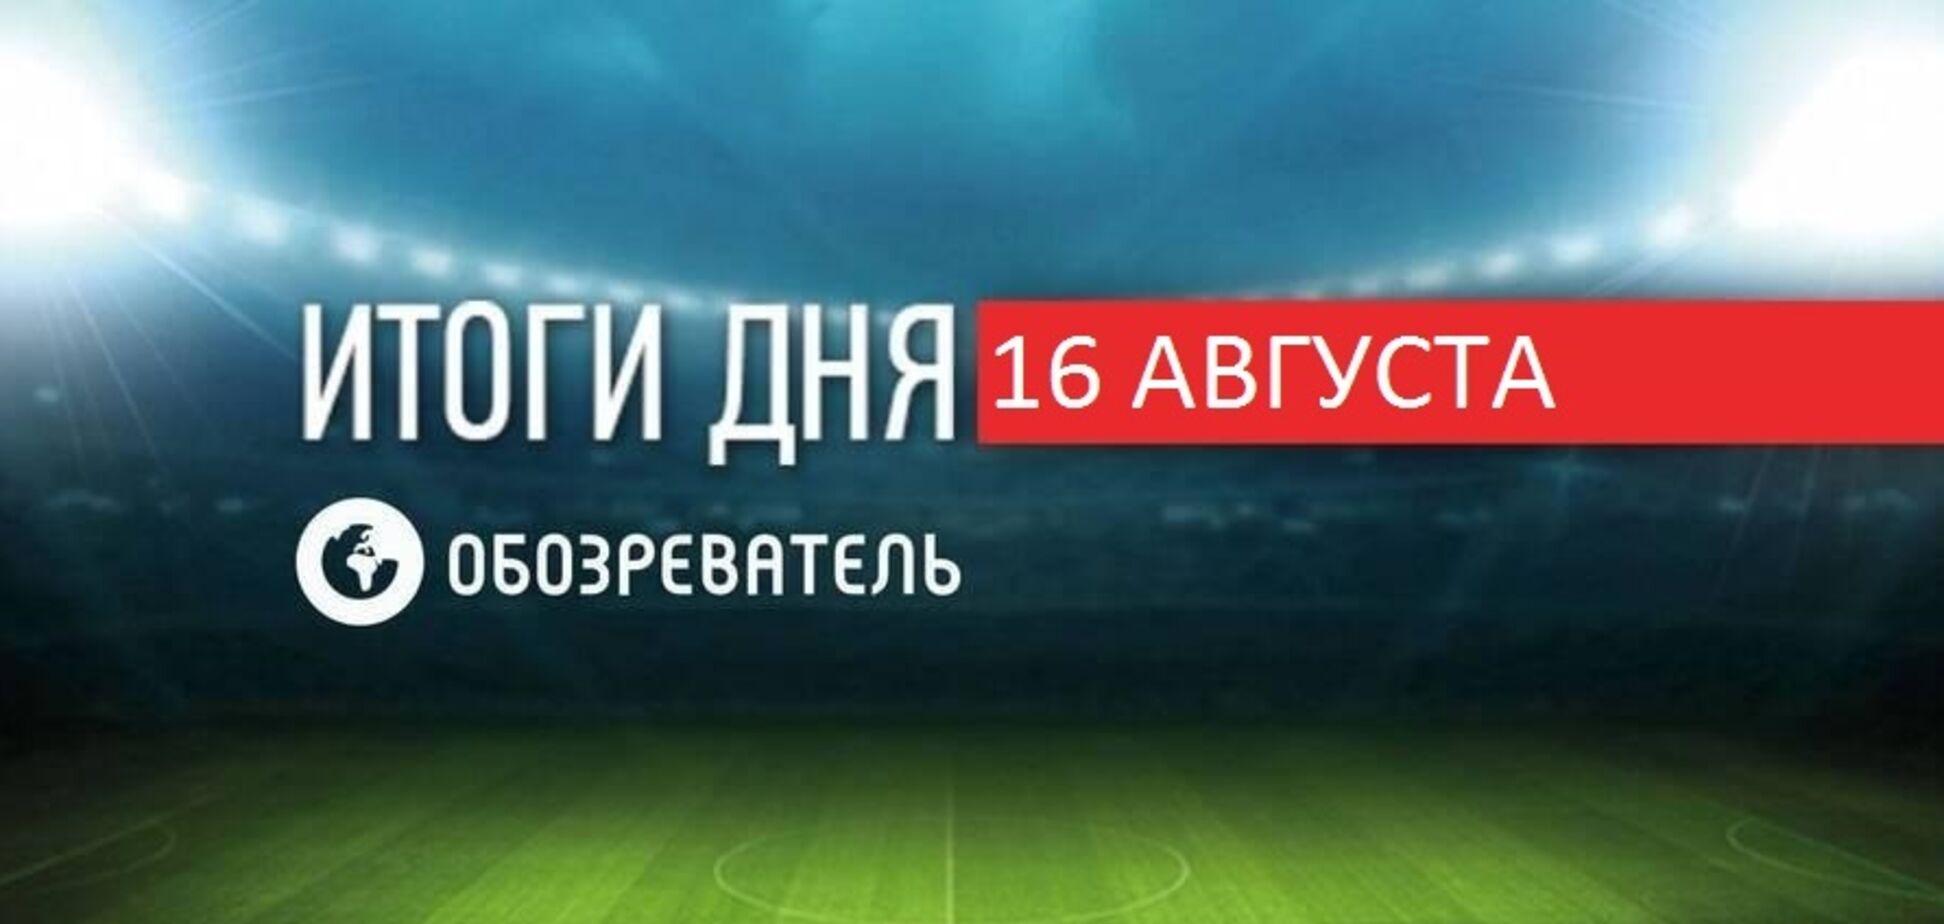 Коментатор під час матчу ЛЧ заговорив про протести в Білорусі: підсумки спорту 16 серпня